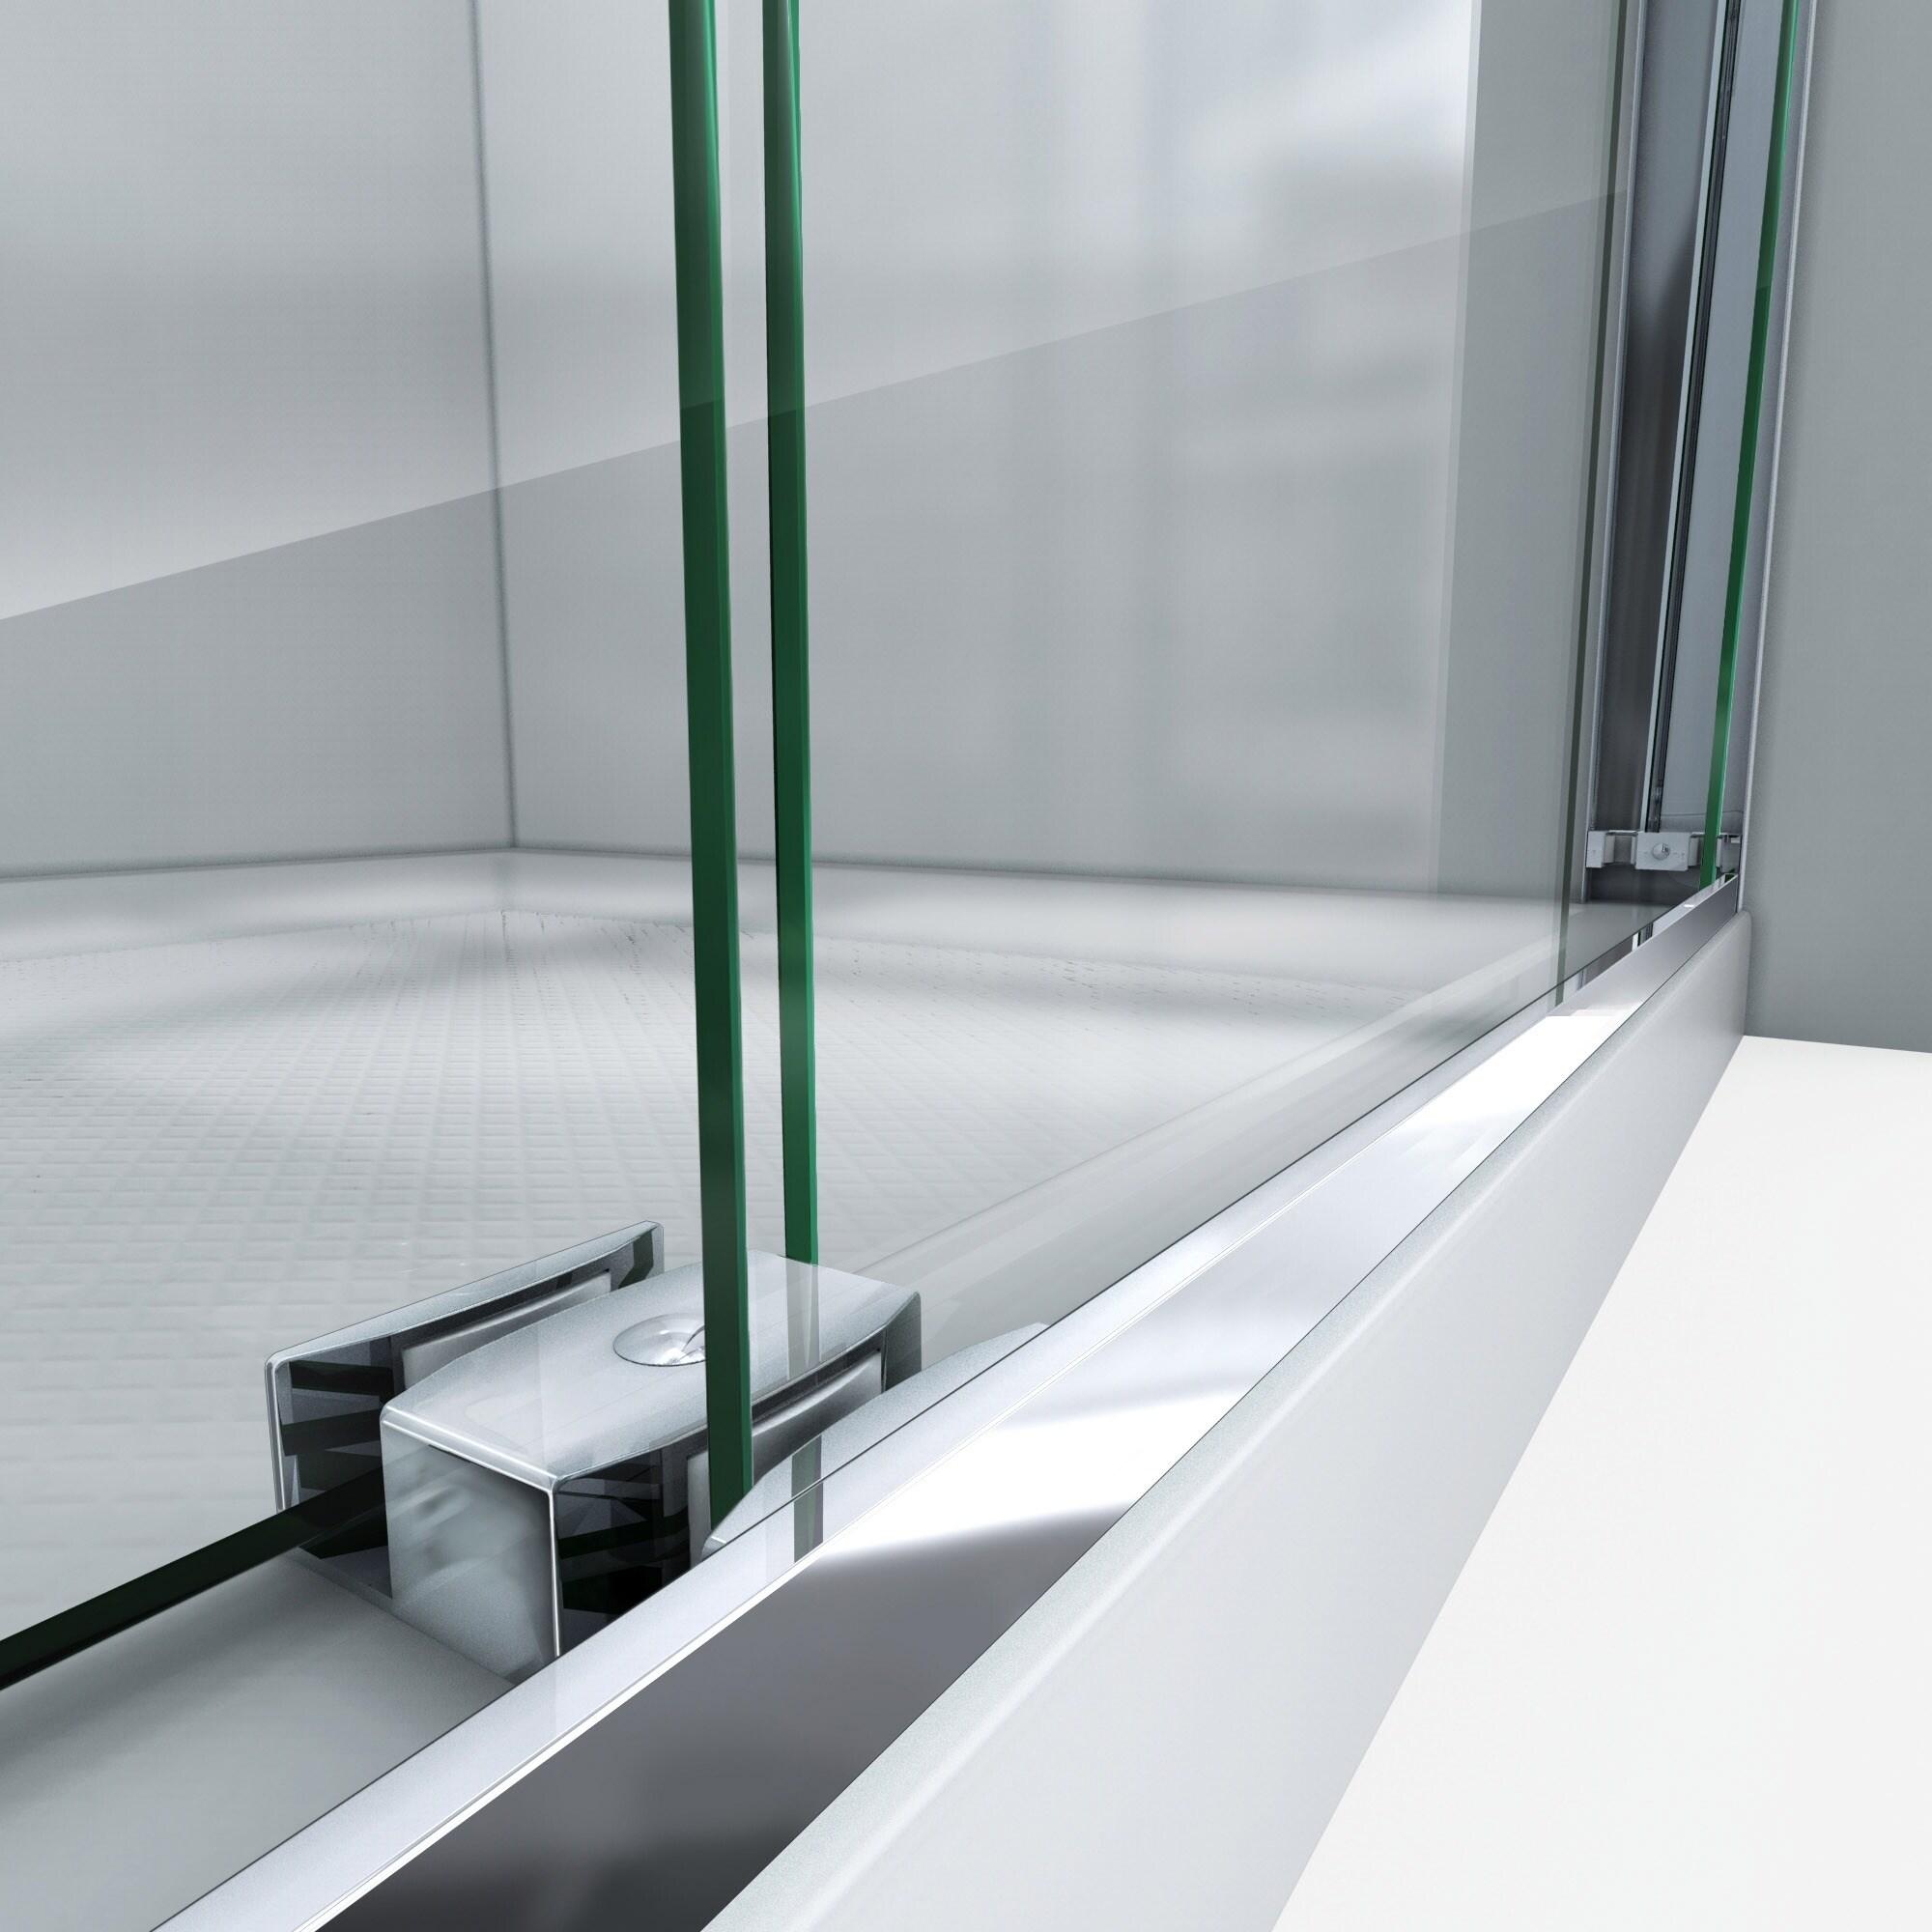 Dreamline Essence H 44 48 In W X 76 In H Semi Frameless Bypass Shower Door 44 48 W